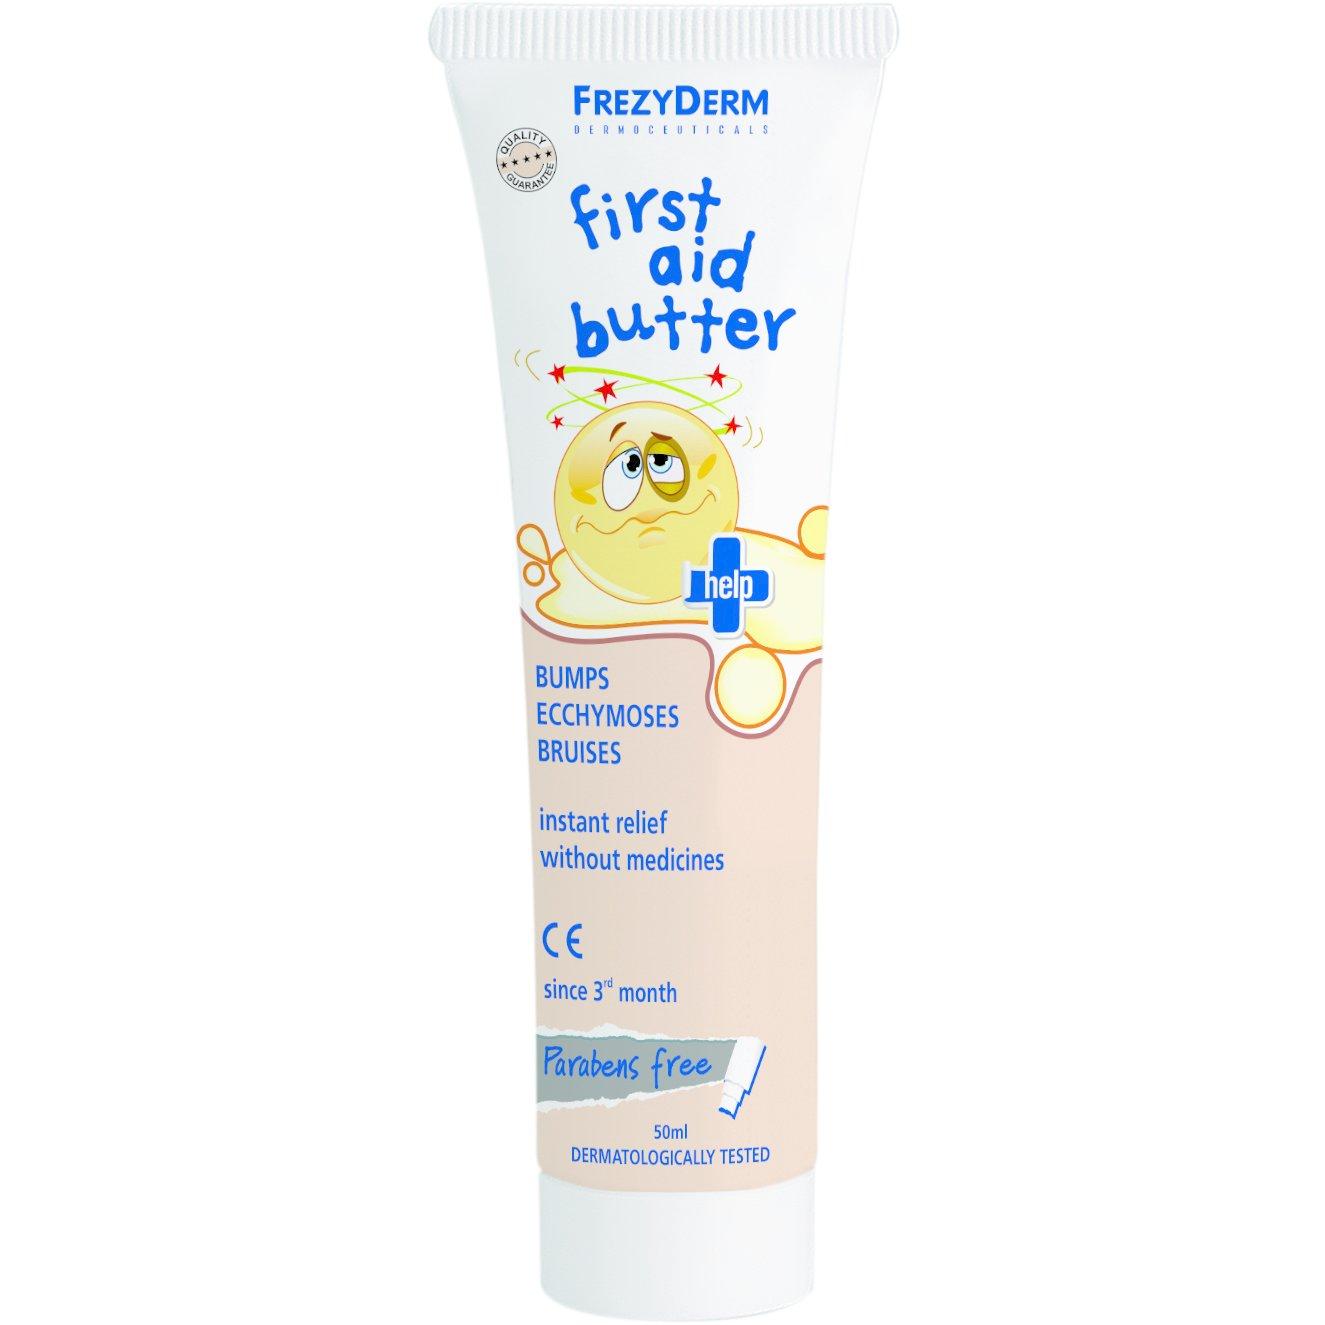 Frezyderm First Aid Butter Gel για Χτυπήματα, Μώλωπες & Εκχυμώσεις 50ml μητέρα παιδί   περιποίηση για το μωρό   πρώτες βοήθειες για το μωρό